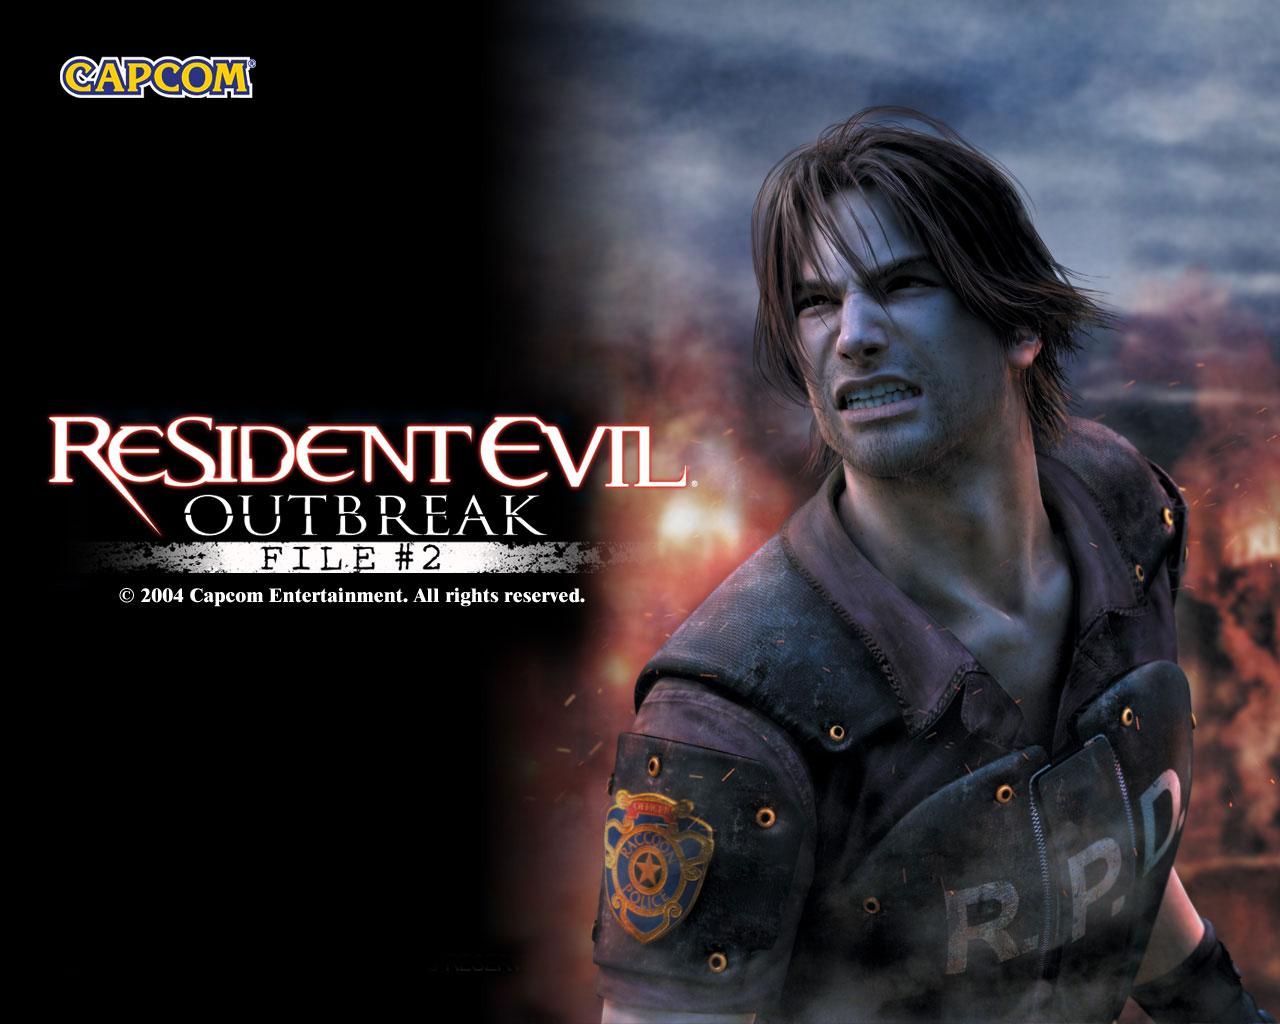 Resident Evil 2 Wallpaper: Image - Outbreak File 2 Wallpaper 6.jpg